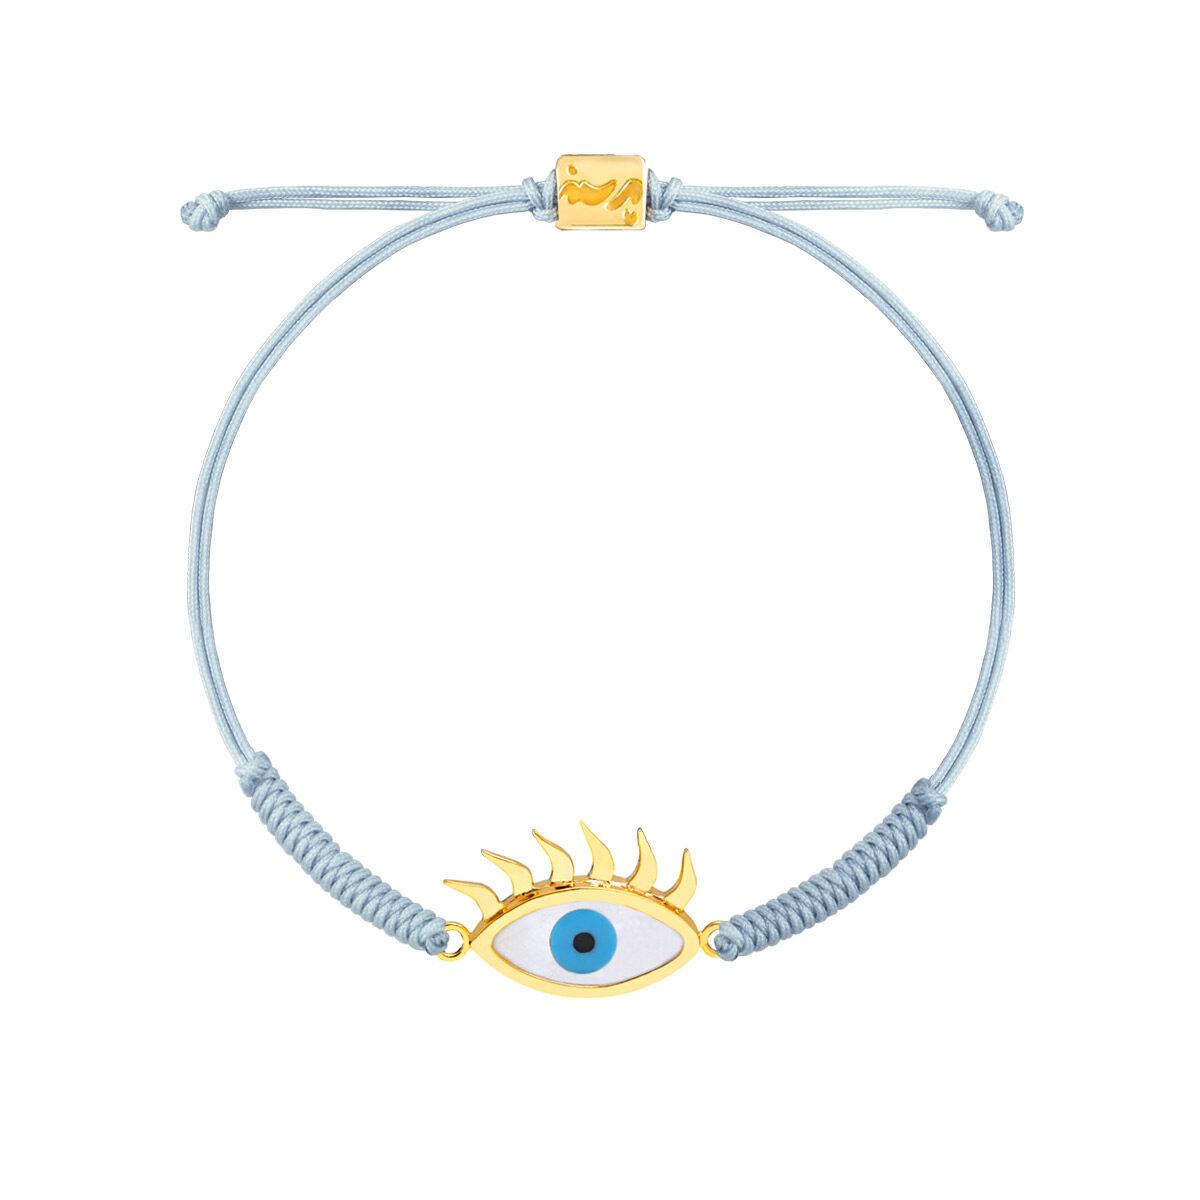 دستبند طلا بافت مکرمه آبی روشن چشم مژه دار